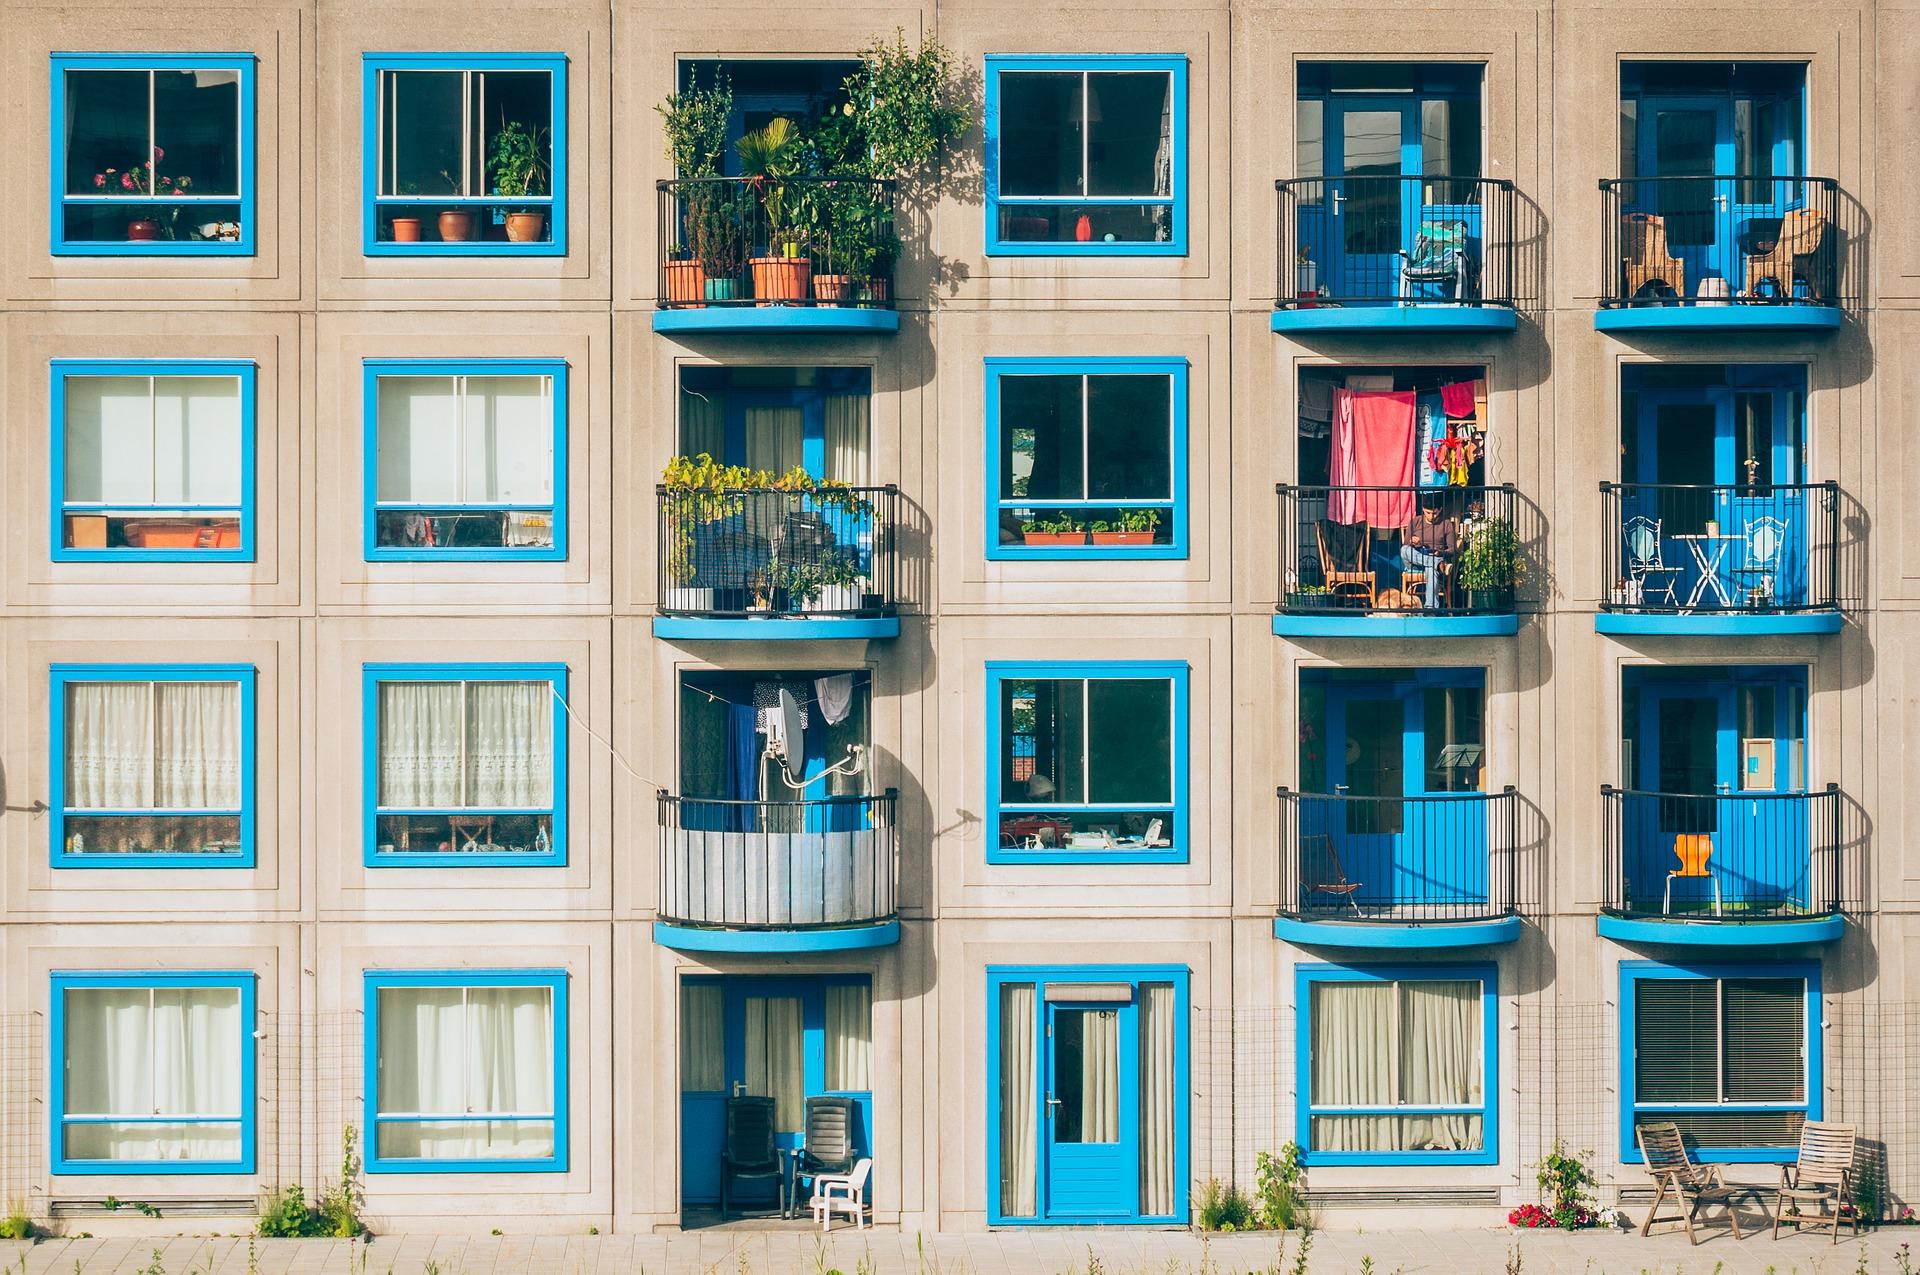 Kunststoff Balkon Sichtschutz: Test & Empfehlungen (01/20)